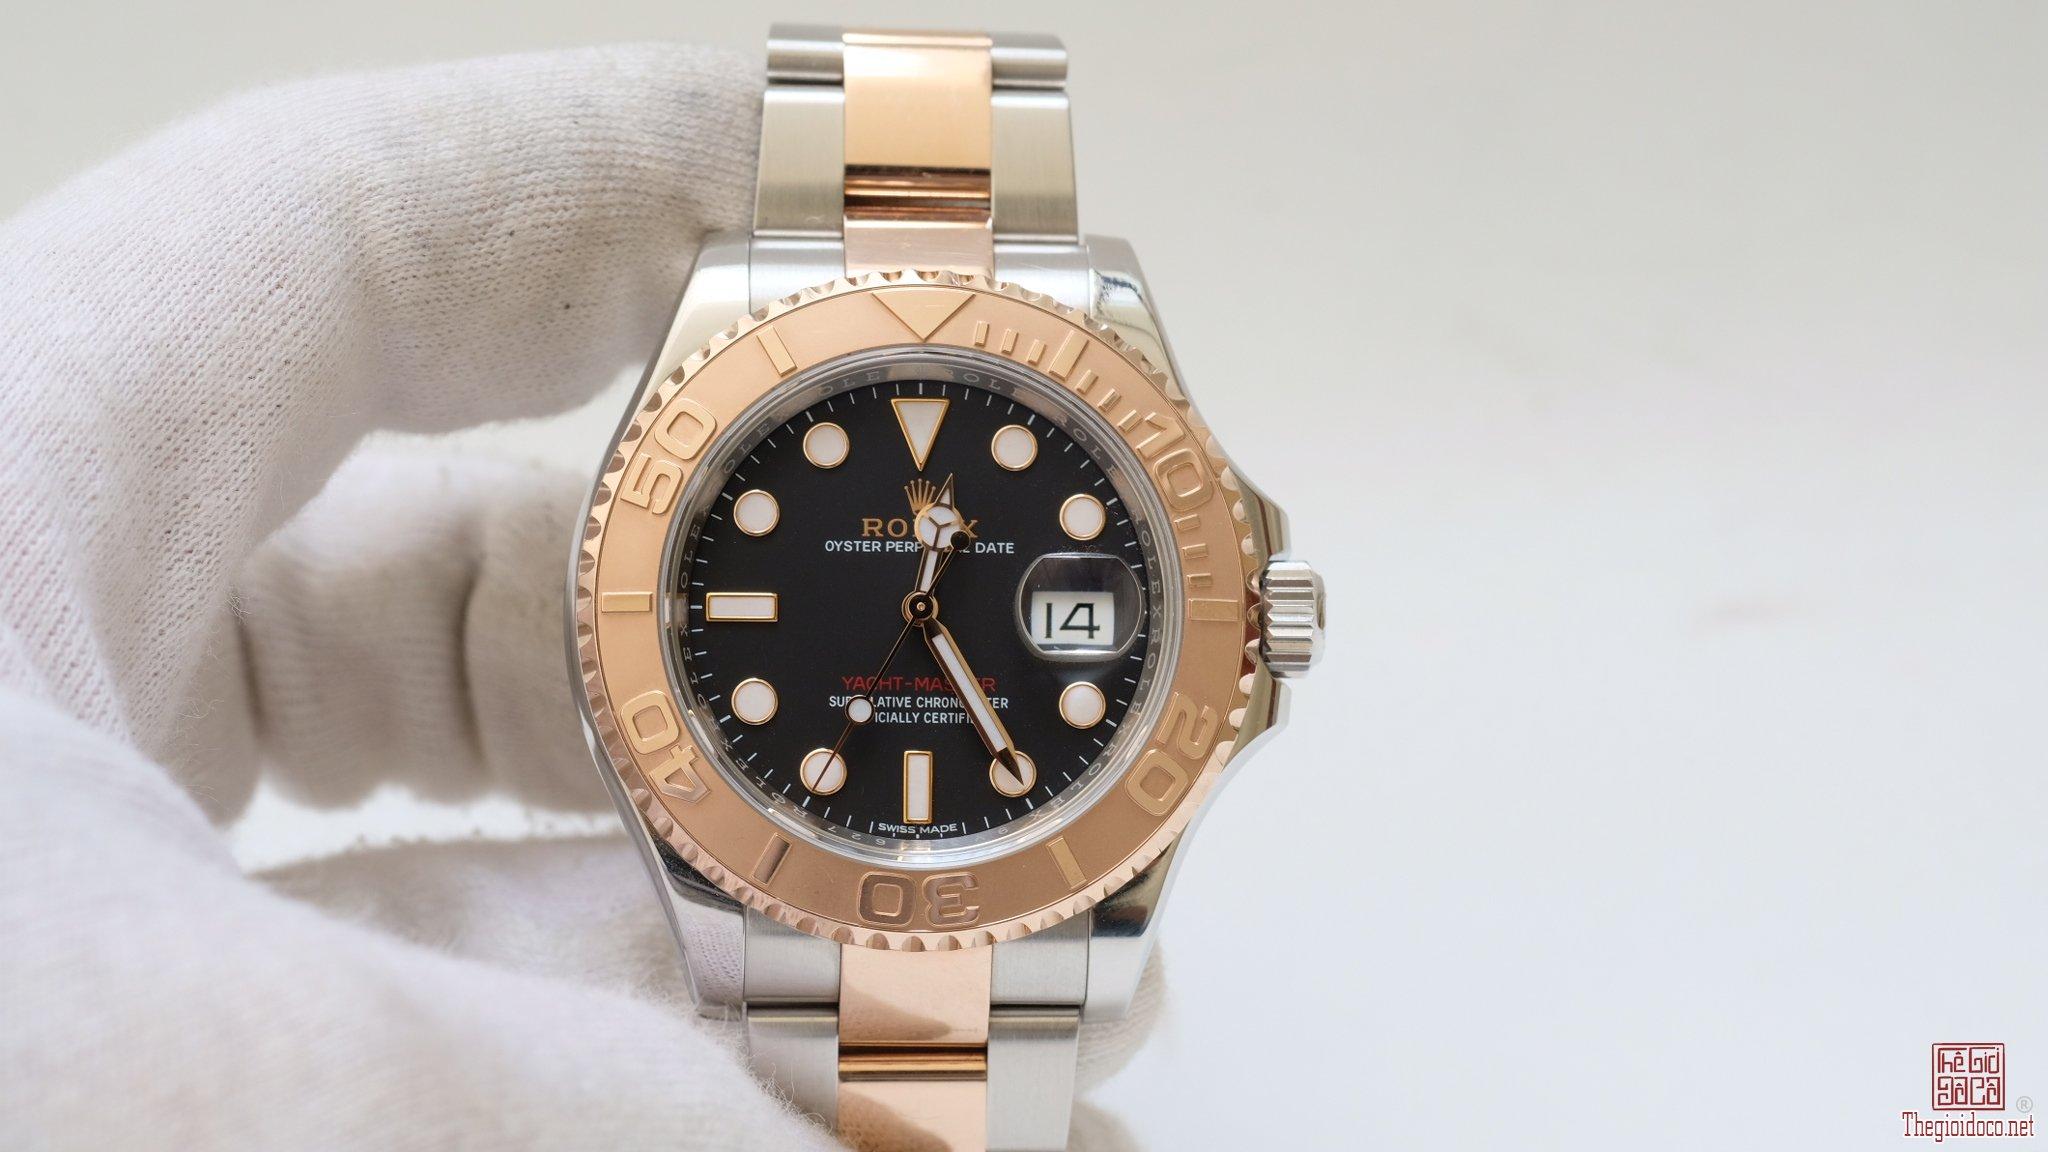 Đồng hồ Rolex 116621 Yacht Master mặt đen size 40mm